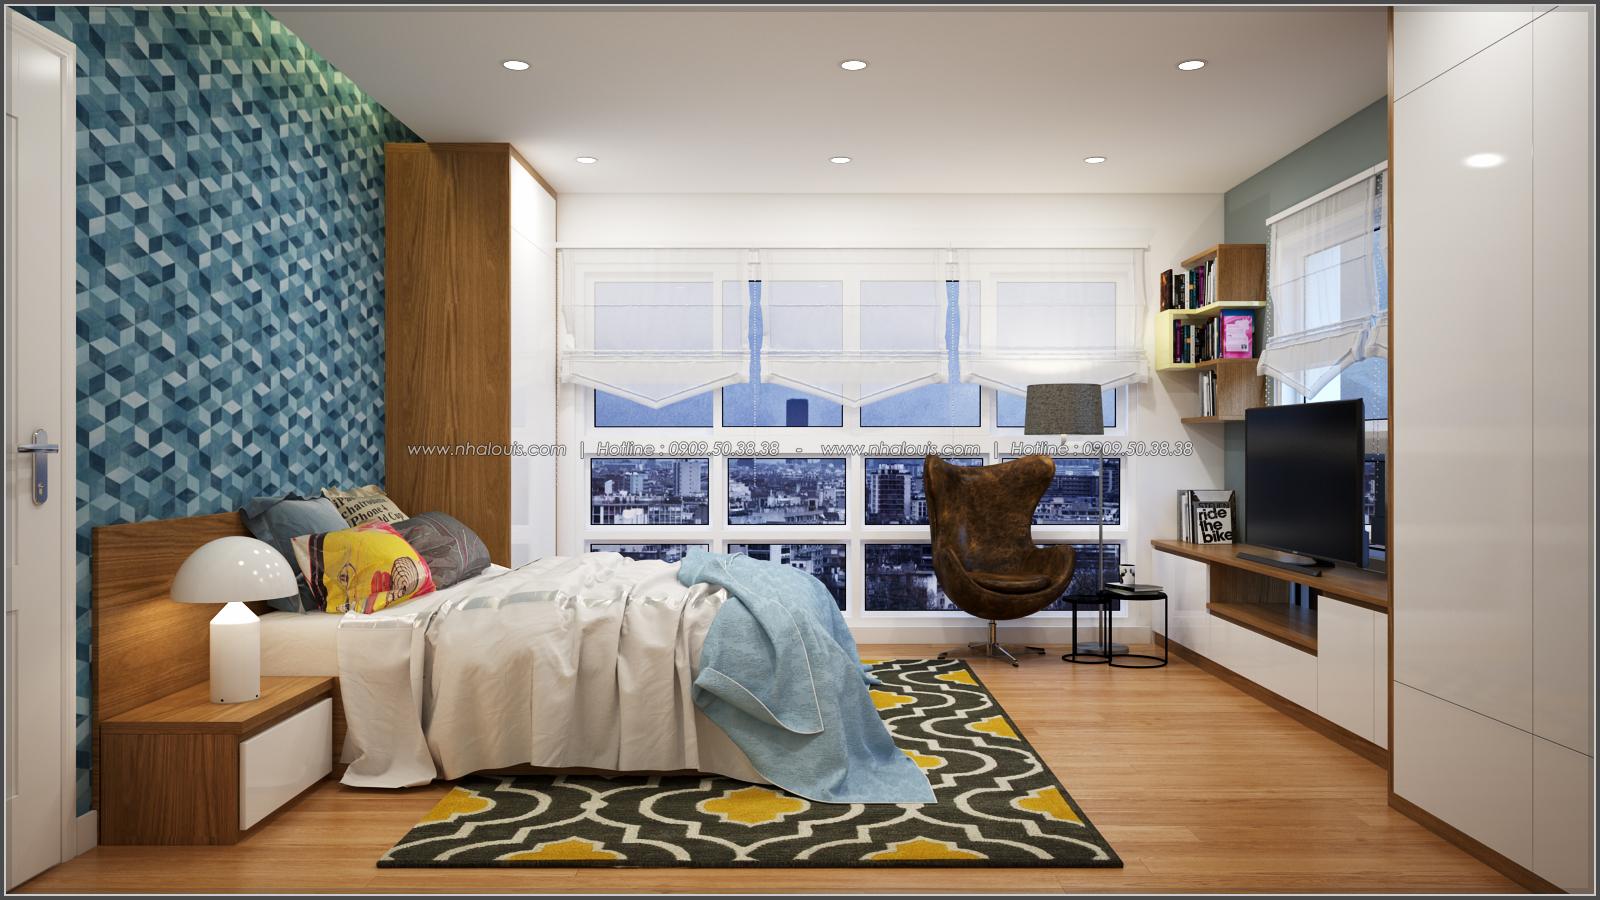 Thiết kế căn hộ chung cư 3 phòng ngủ Happy Valley quận 7 - 9